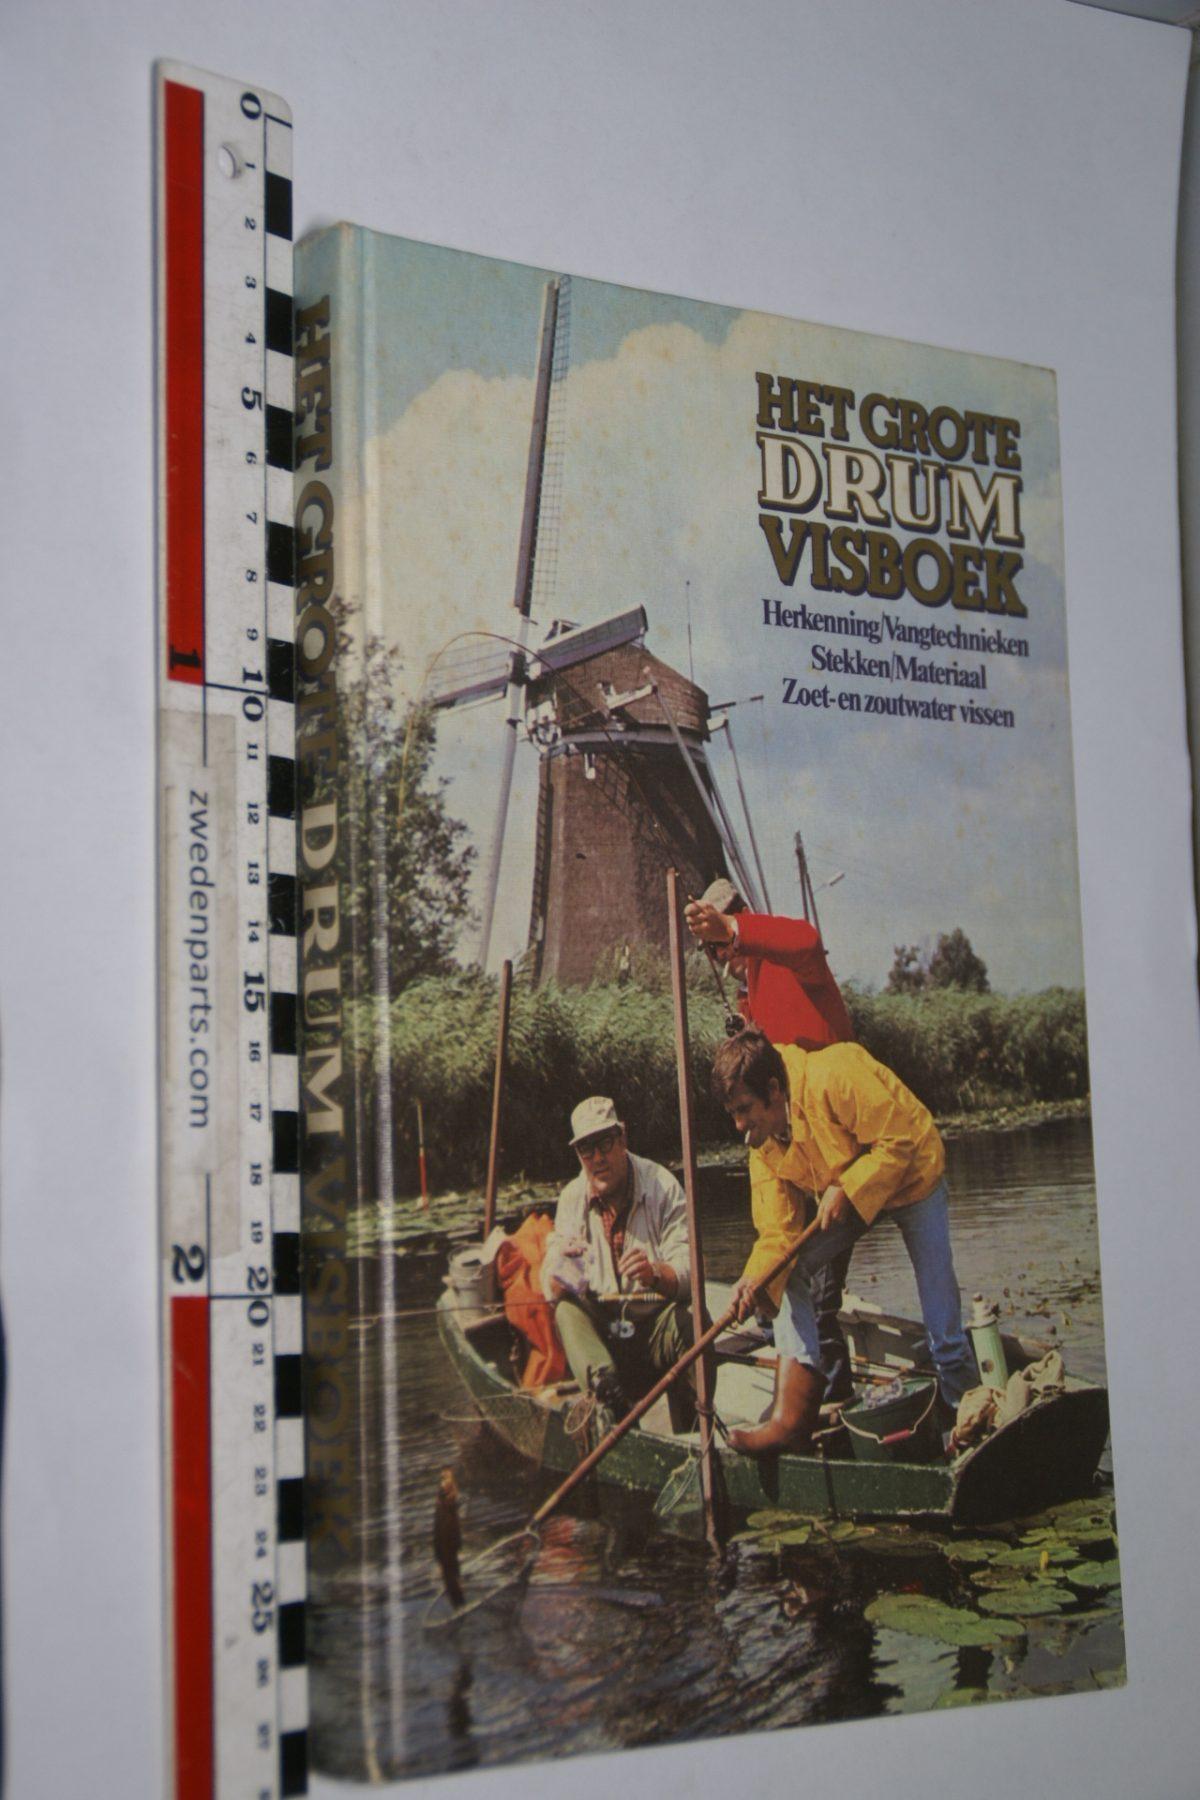 DSC06896 Het grote DRUM visboek